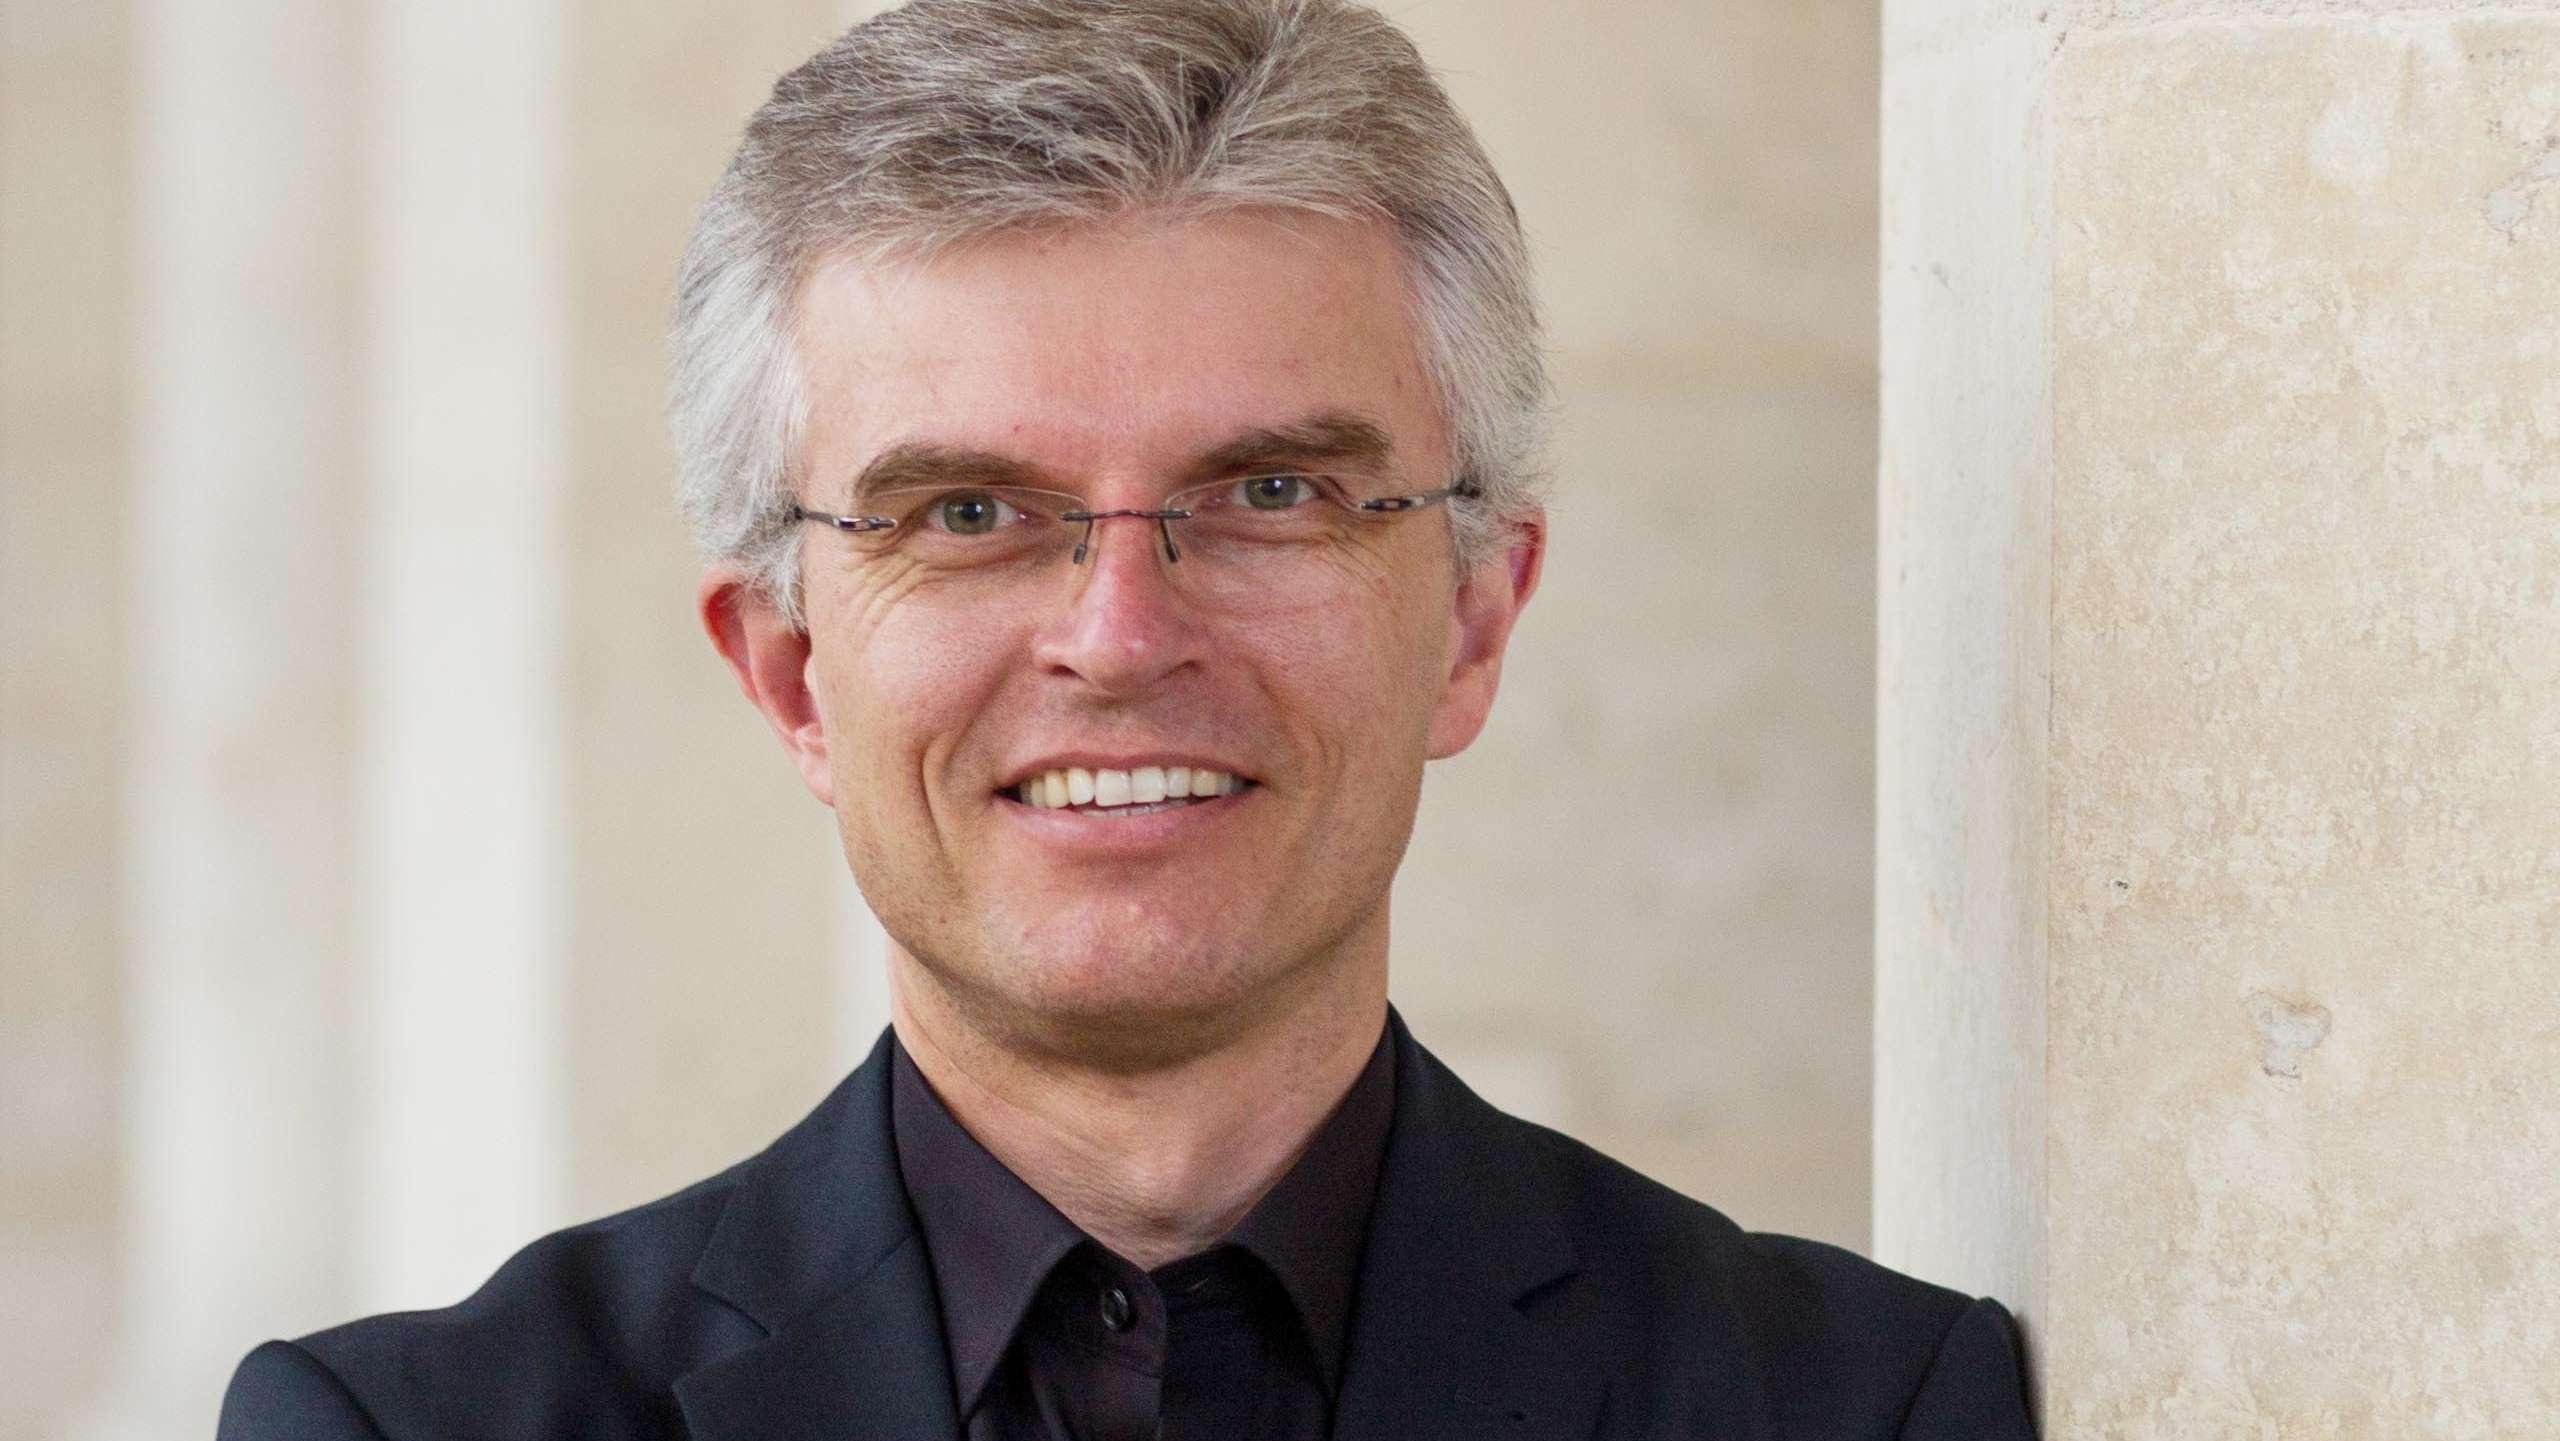 Christian Heiß ist ab September der neue Leiter der Regensburger Domspatzen